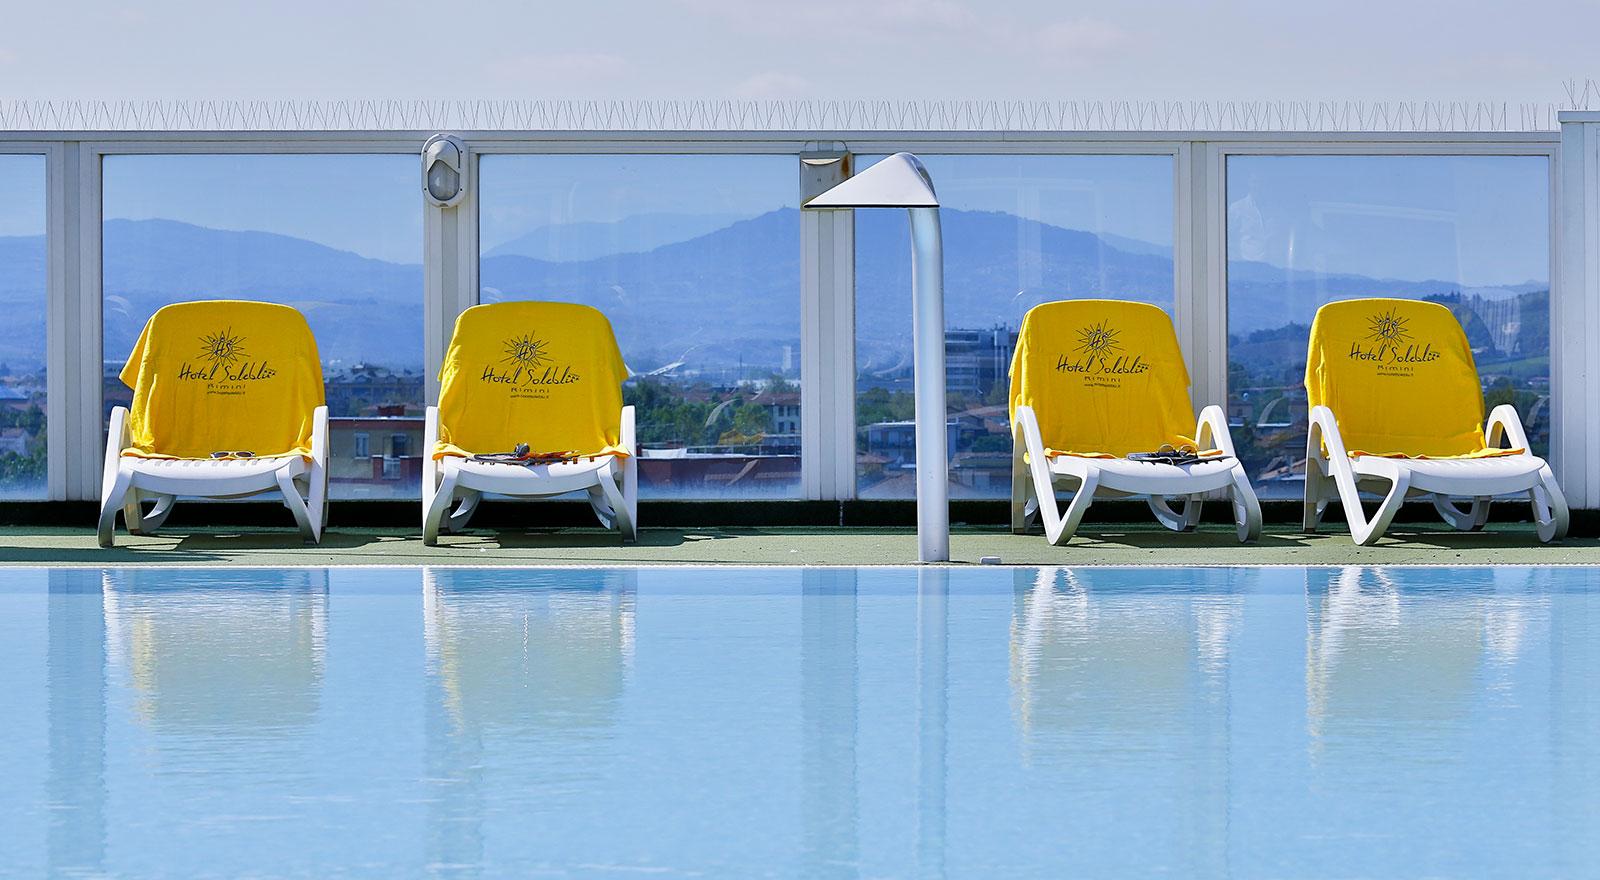 Hotel Soleblu, una vacanza indimenticabile a Rimini - Rimini - Visit Italy